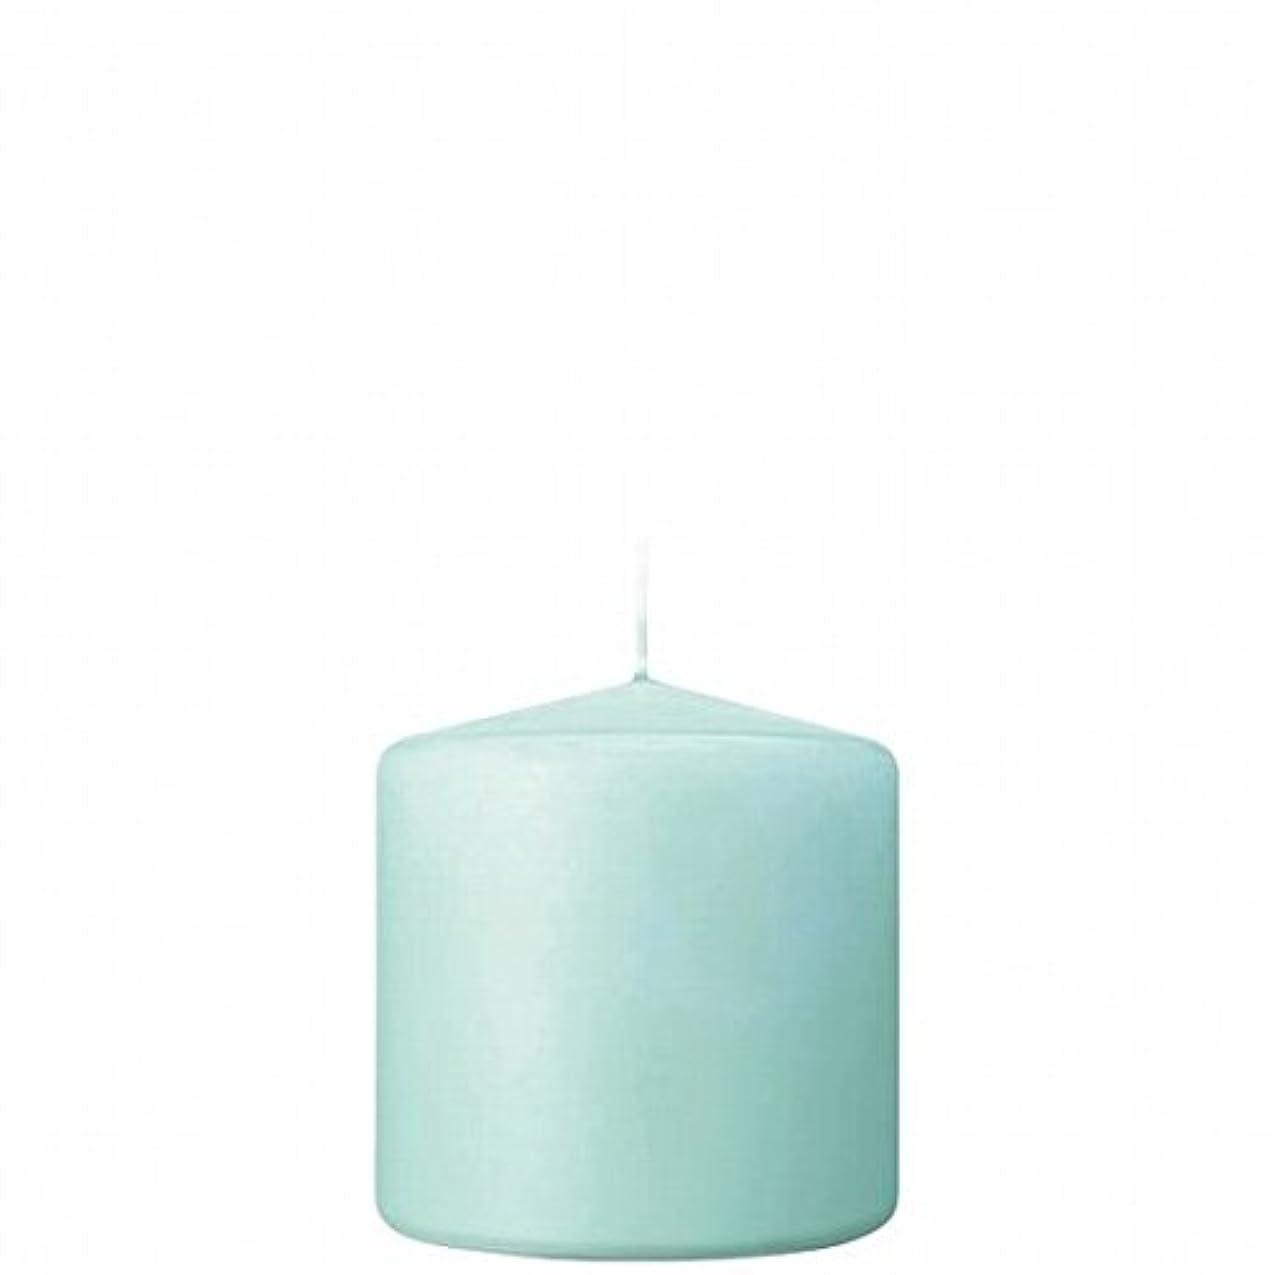 タクシー予測コンソールkameyama candle(カメヤマキャンドル) 3×3ベルトップピラーキャンドル 「 ライトブルー 」(A9730000LB)